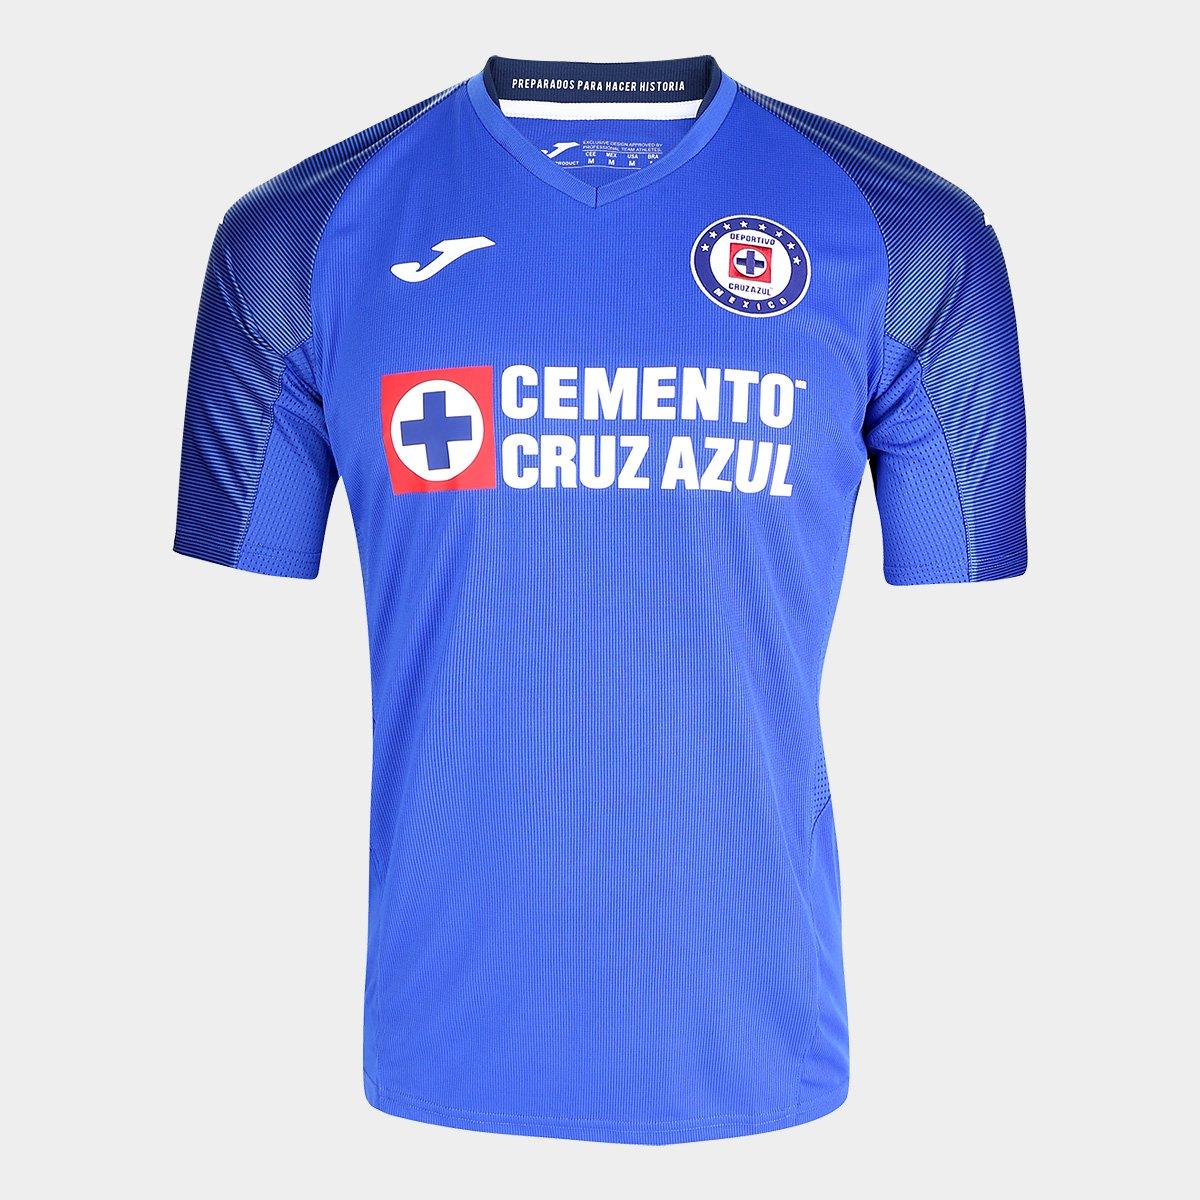 Camisa Cruz Azul Home 19/20 s/nº Torcedor Joma Masculina